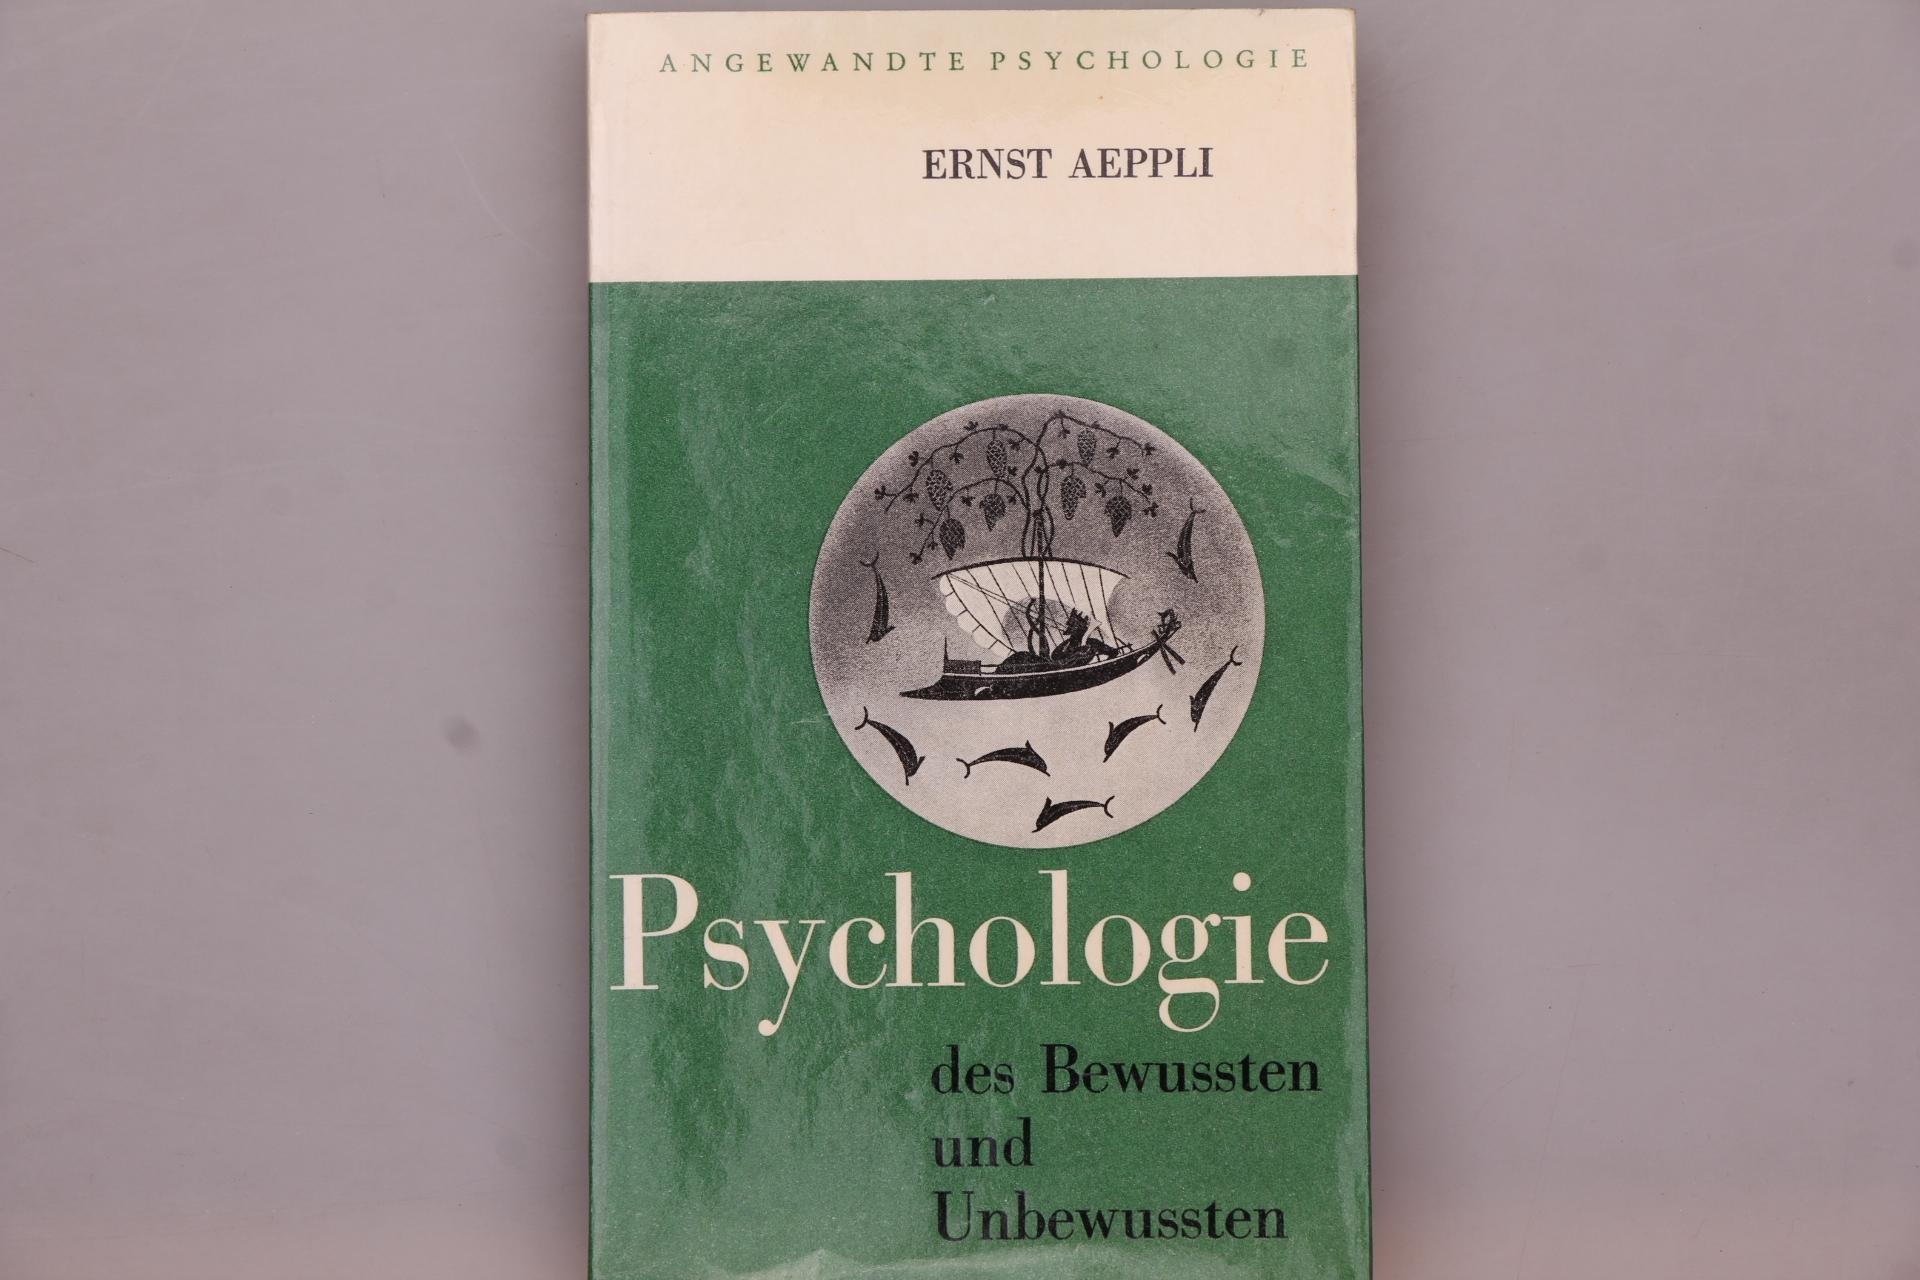 PSYCHOLOGIE DES BEWUSSTEN UND UNBEWUSSTEN